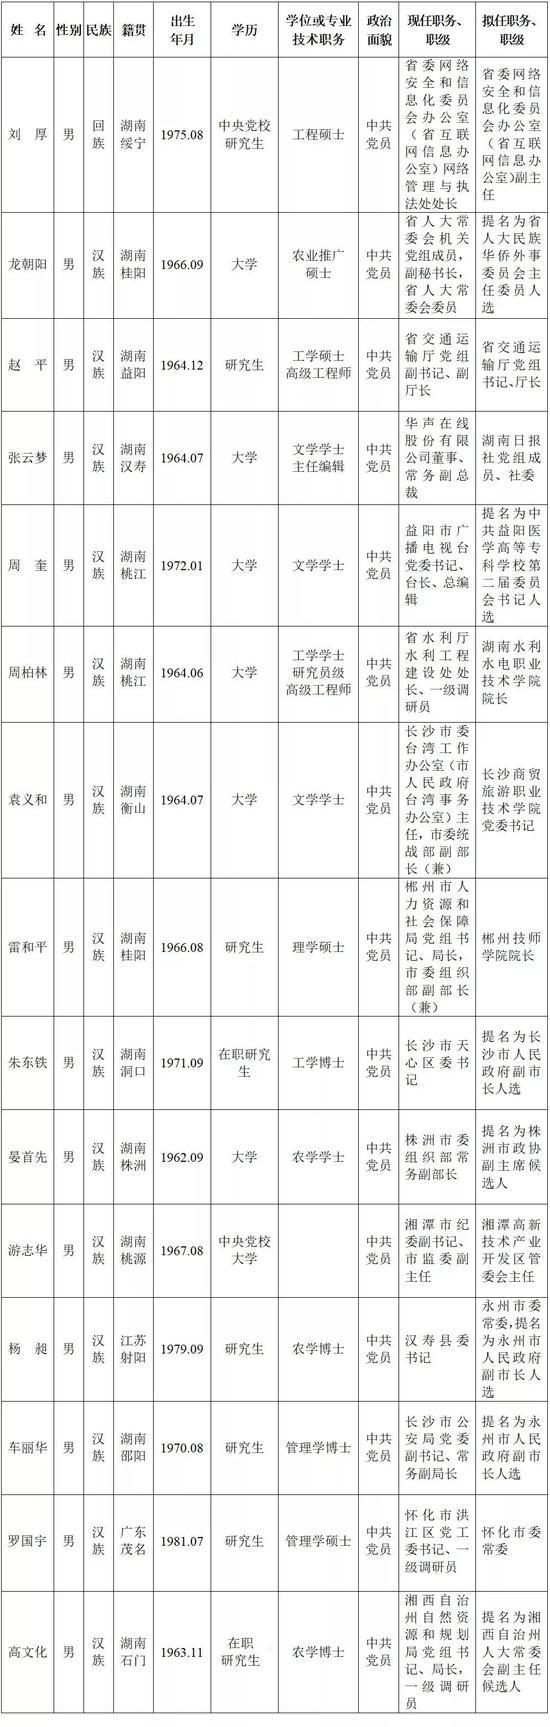 人事丨省委管理干部任前公示公告